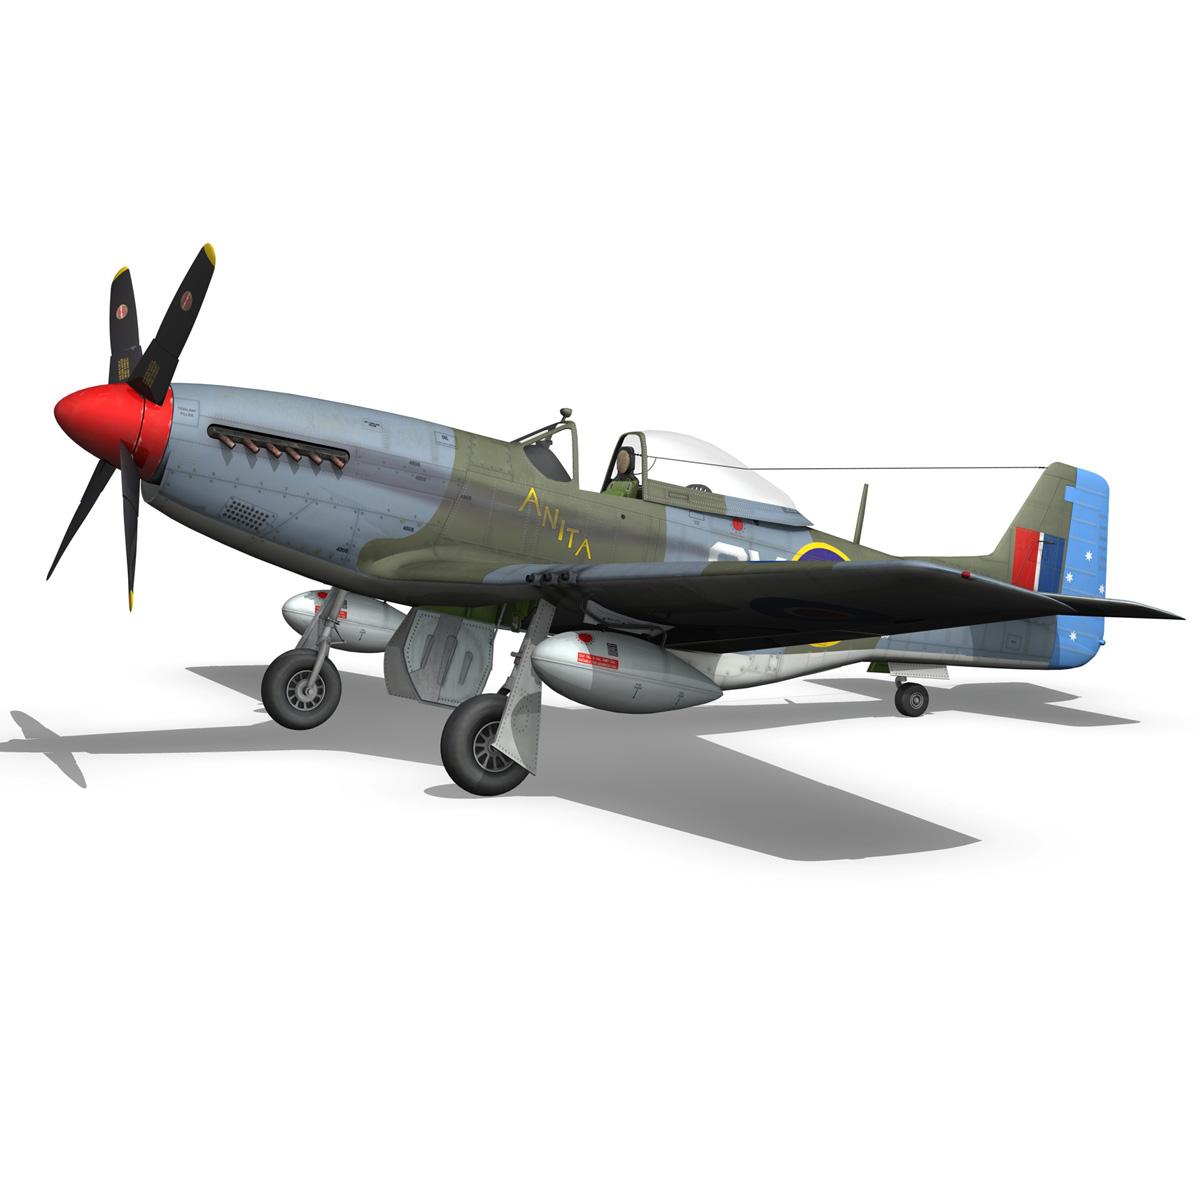 north american p-51k mustang mk.iv – anita – raaf 3d model fbx lwo lw lws obj c4d 266224